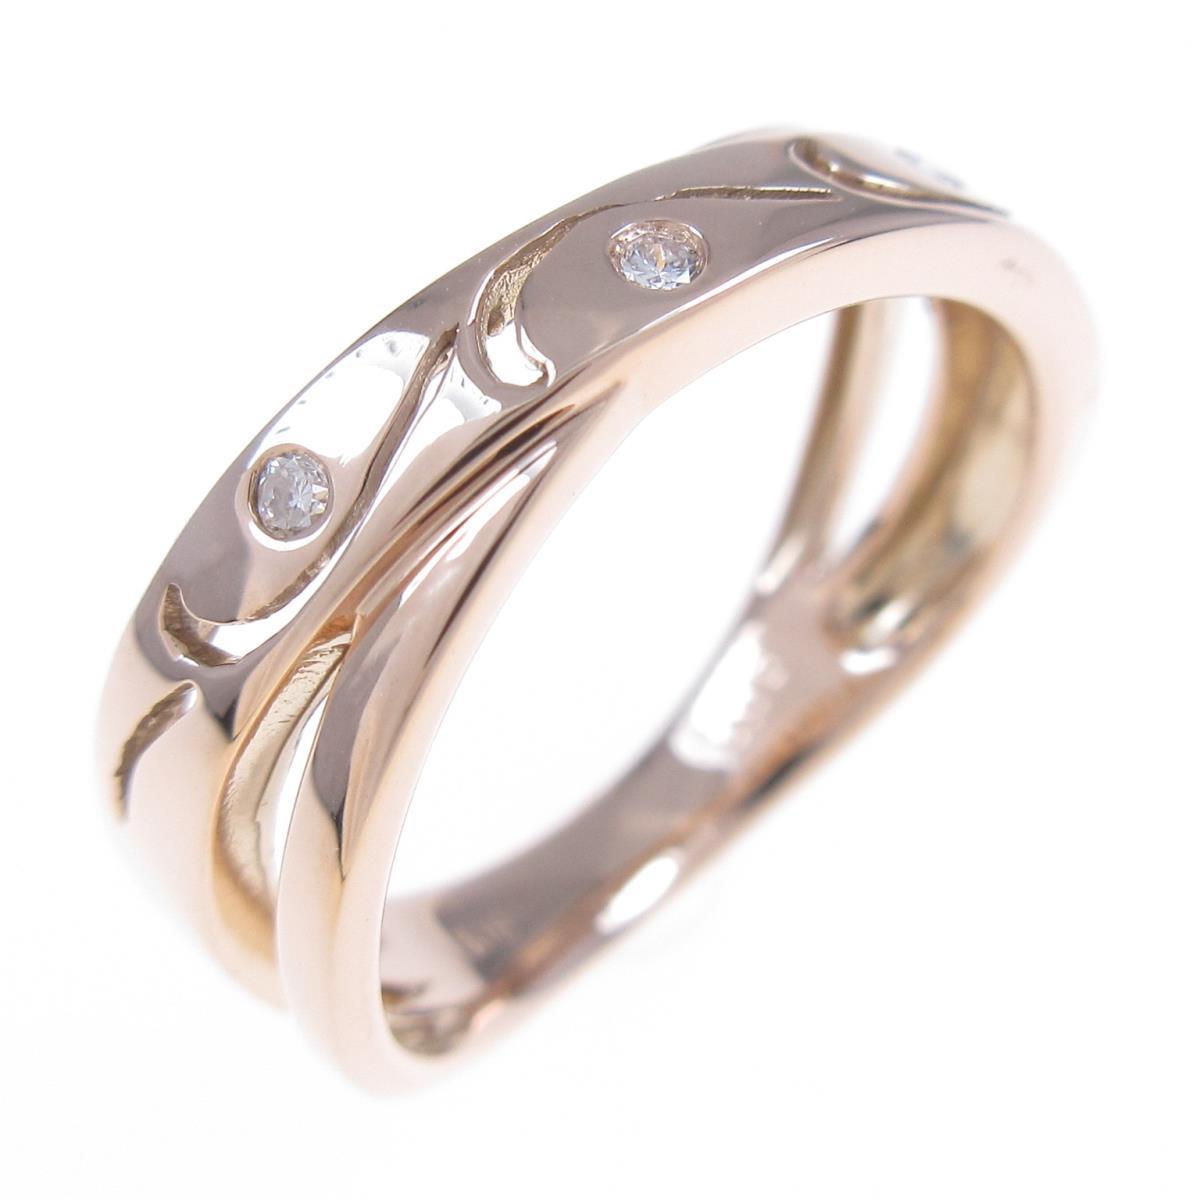 <title>K18PG スリーストーン ダイヤモンドリング 中古 格安 価格でご提供いたします</title>